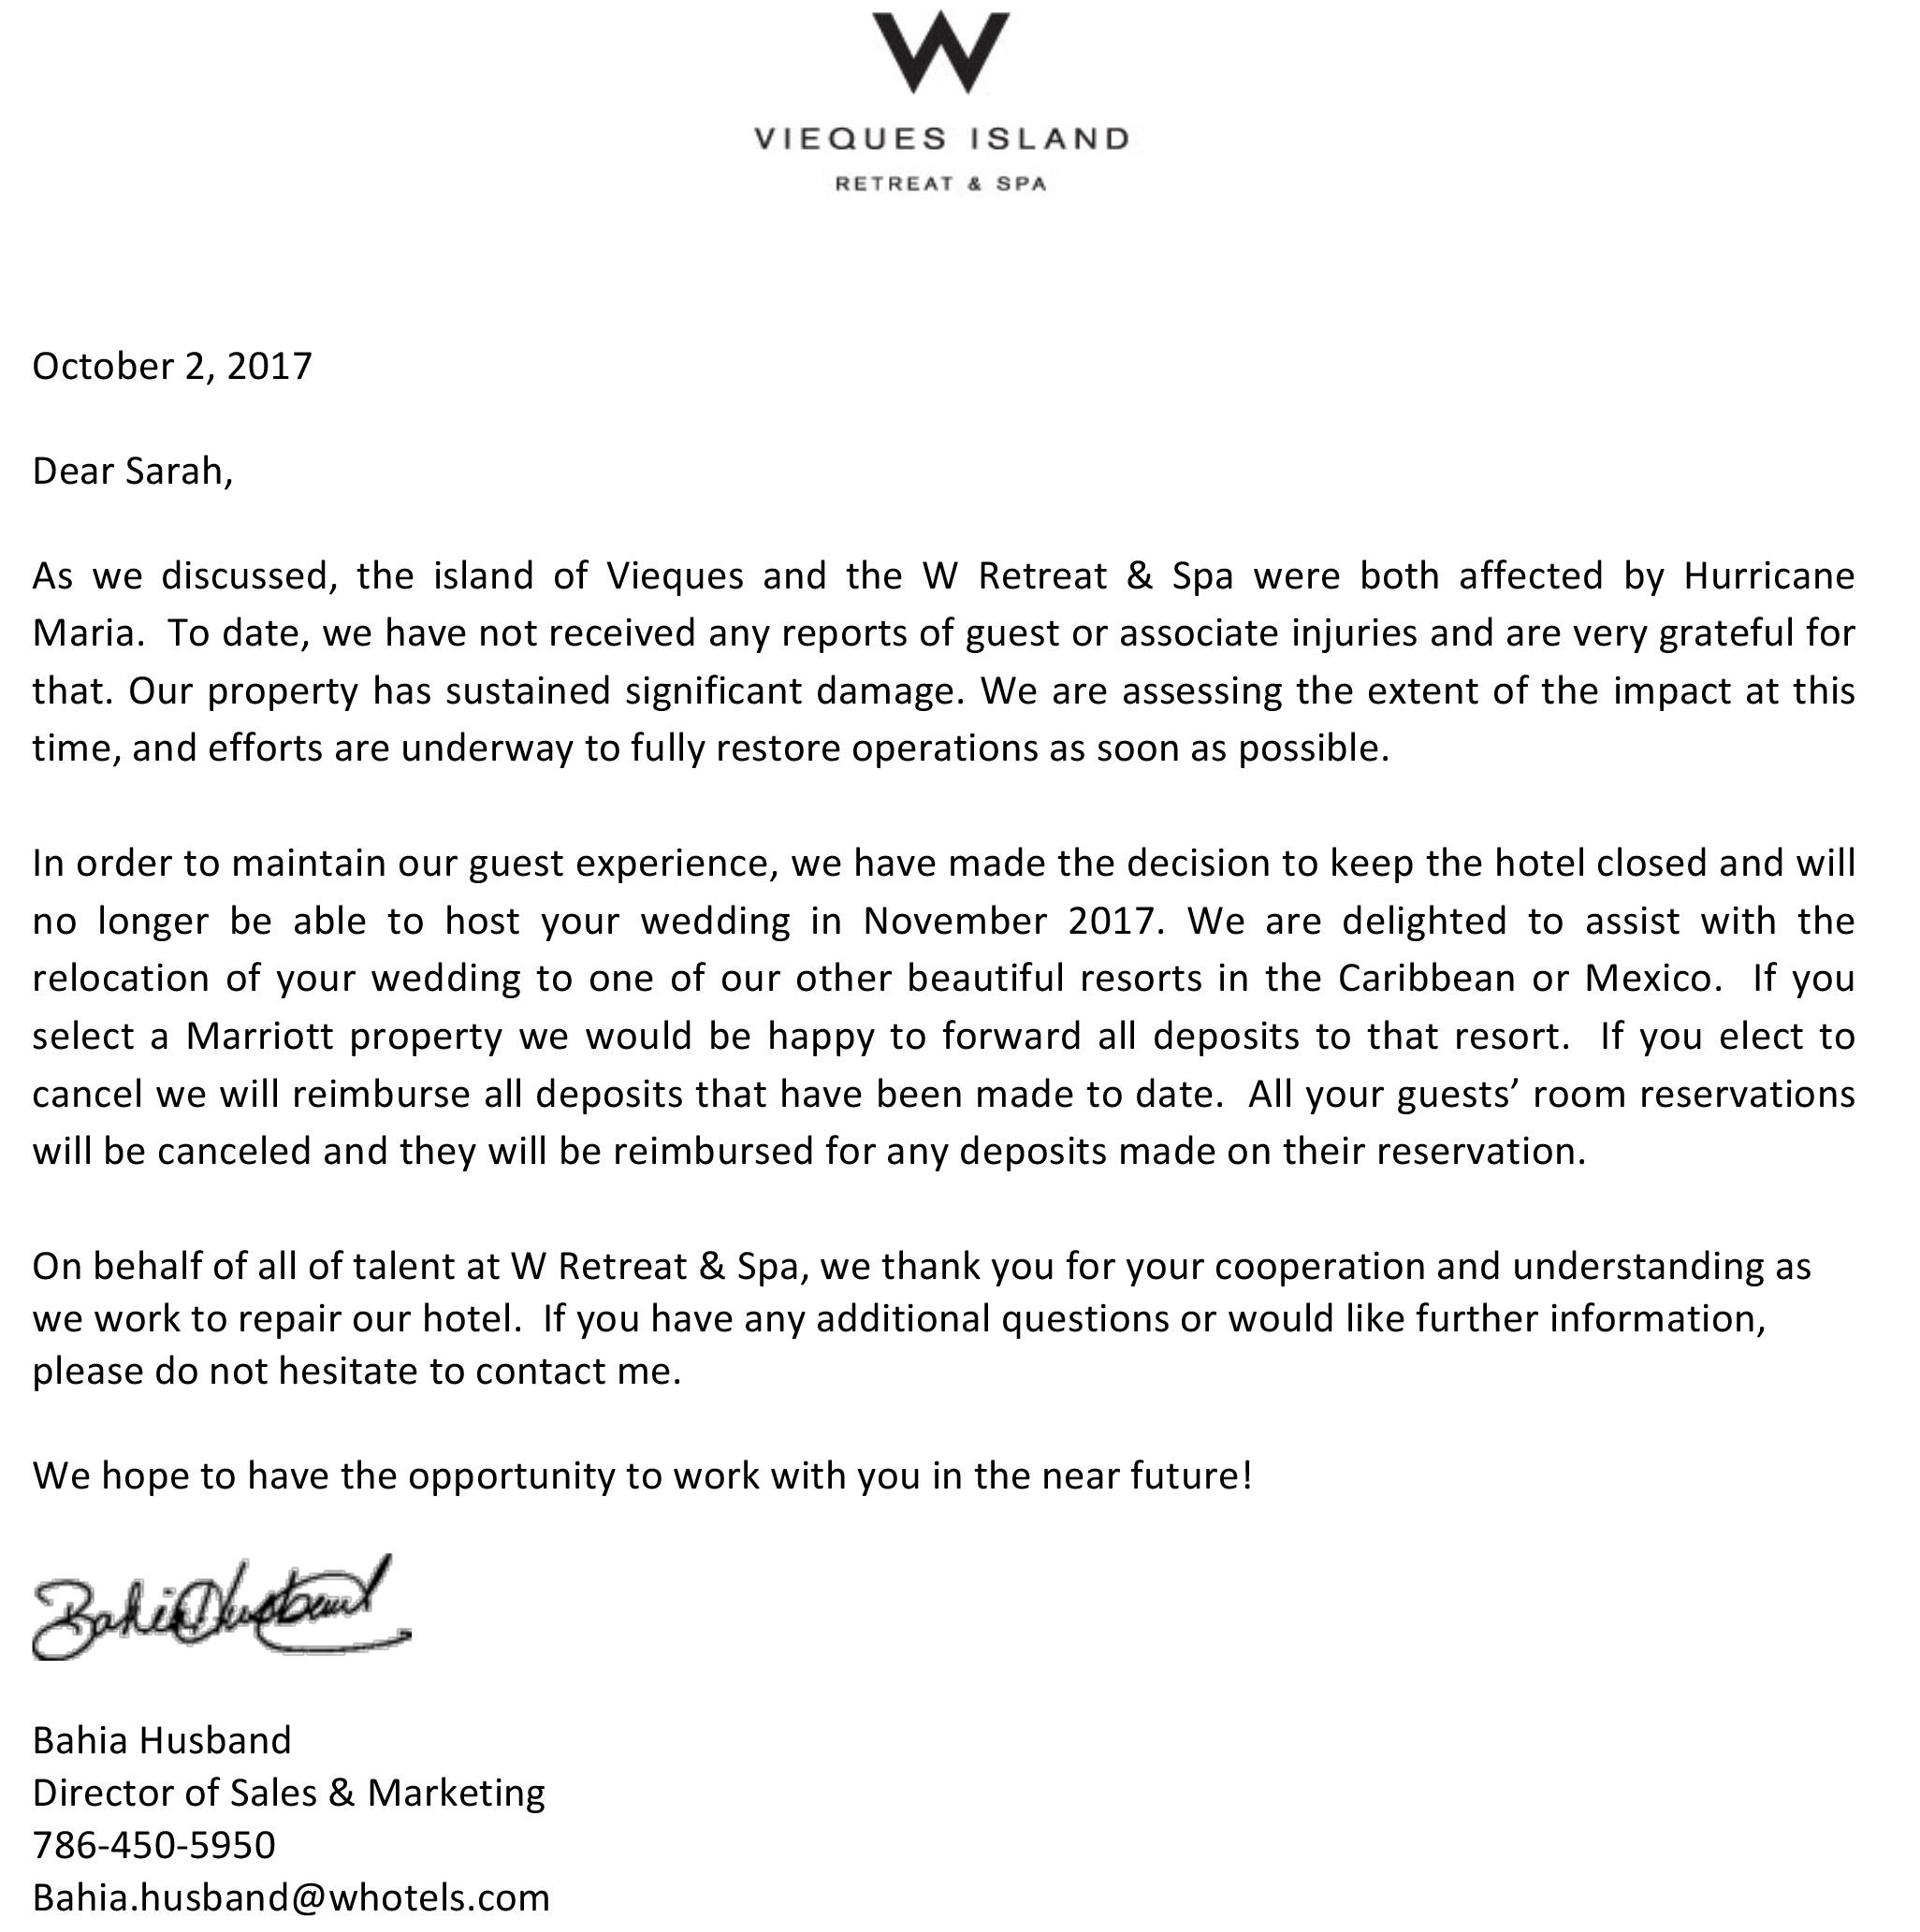 Ridgway & Swartz Wedding Cancellation Letter.jpg